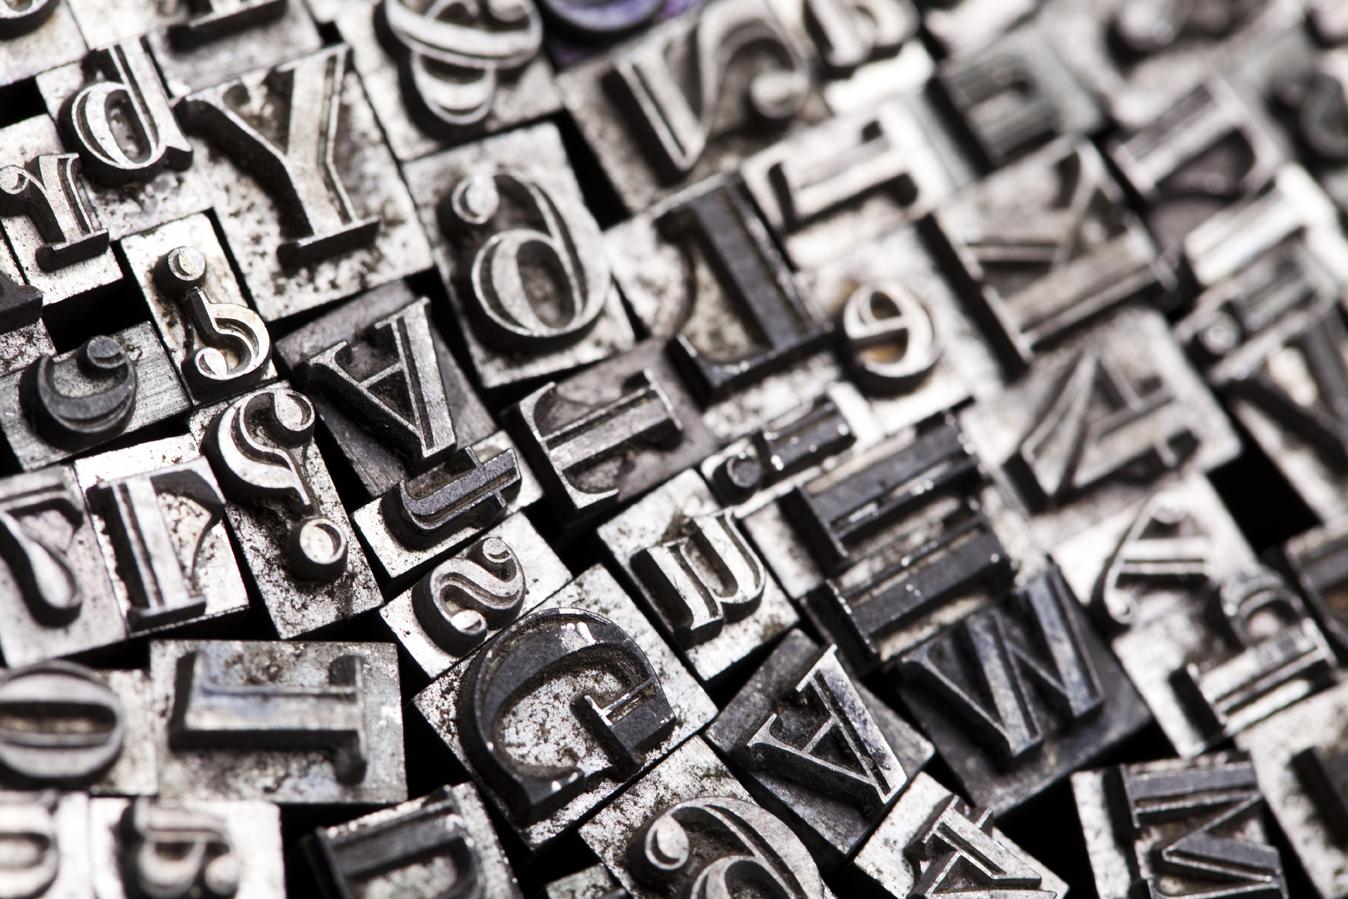 Regole sulla aliquota iva per la stampa for Acquisto mobili per ristrutturazione aliquota iva